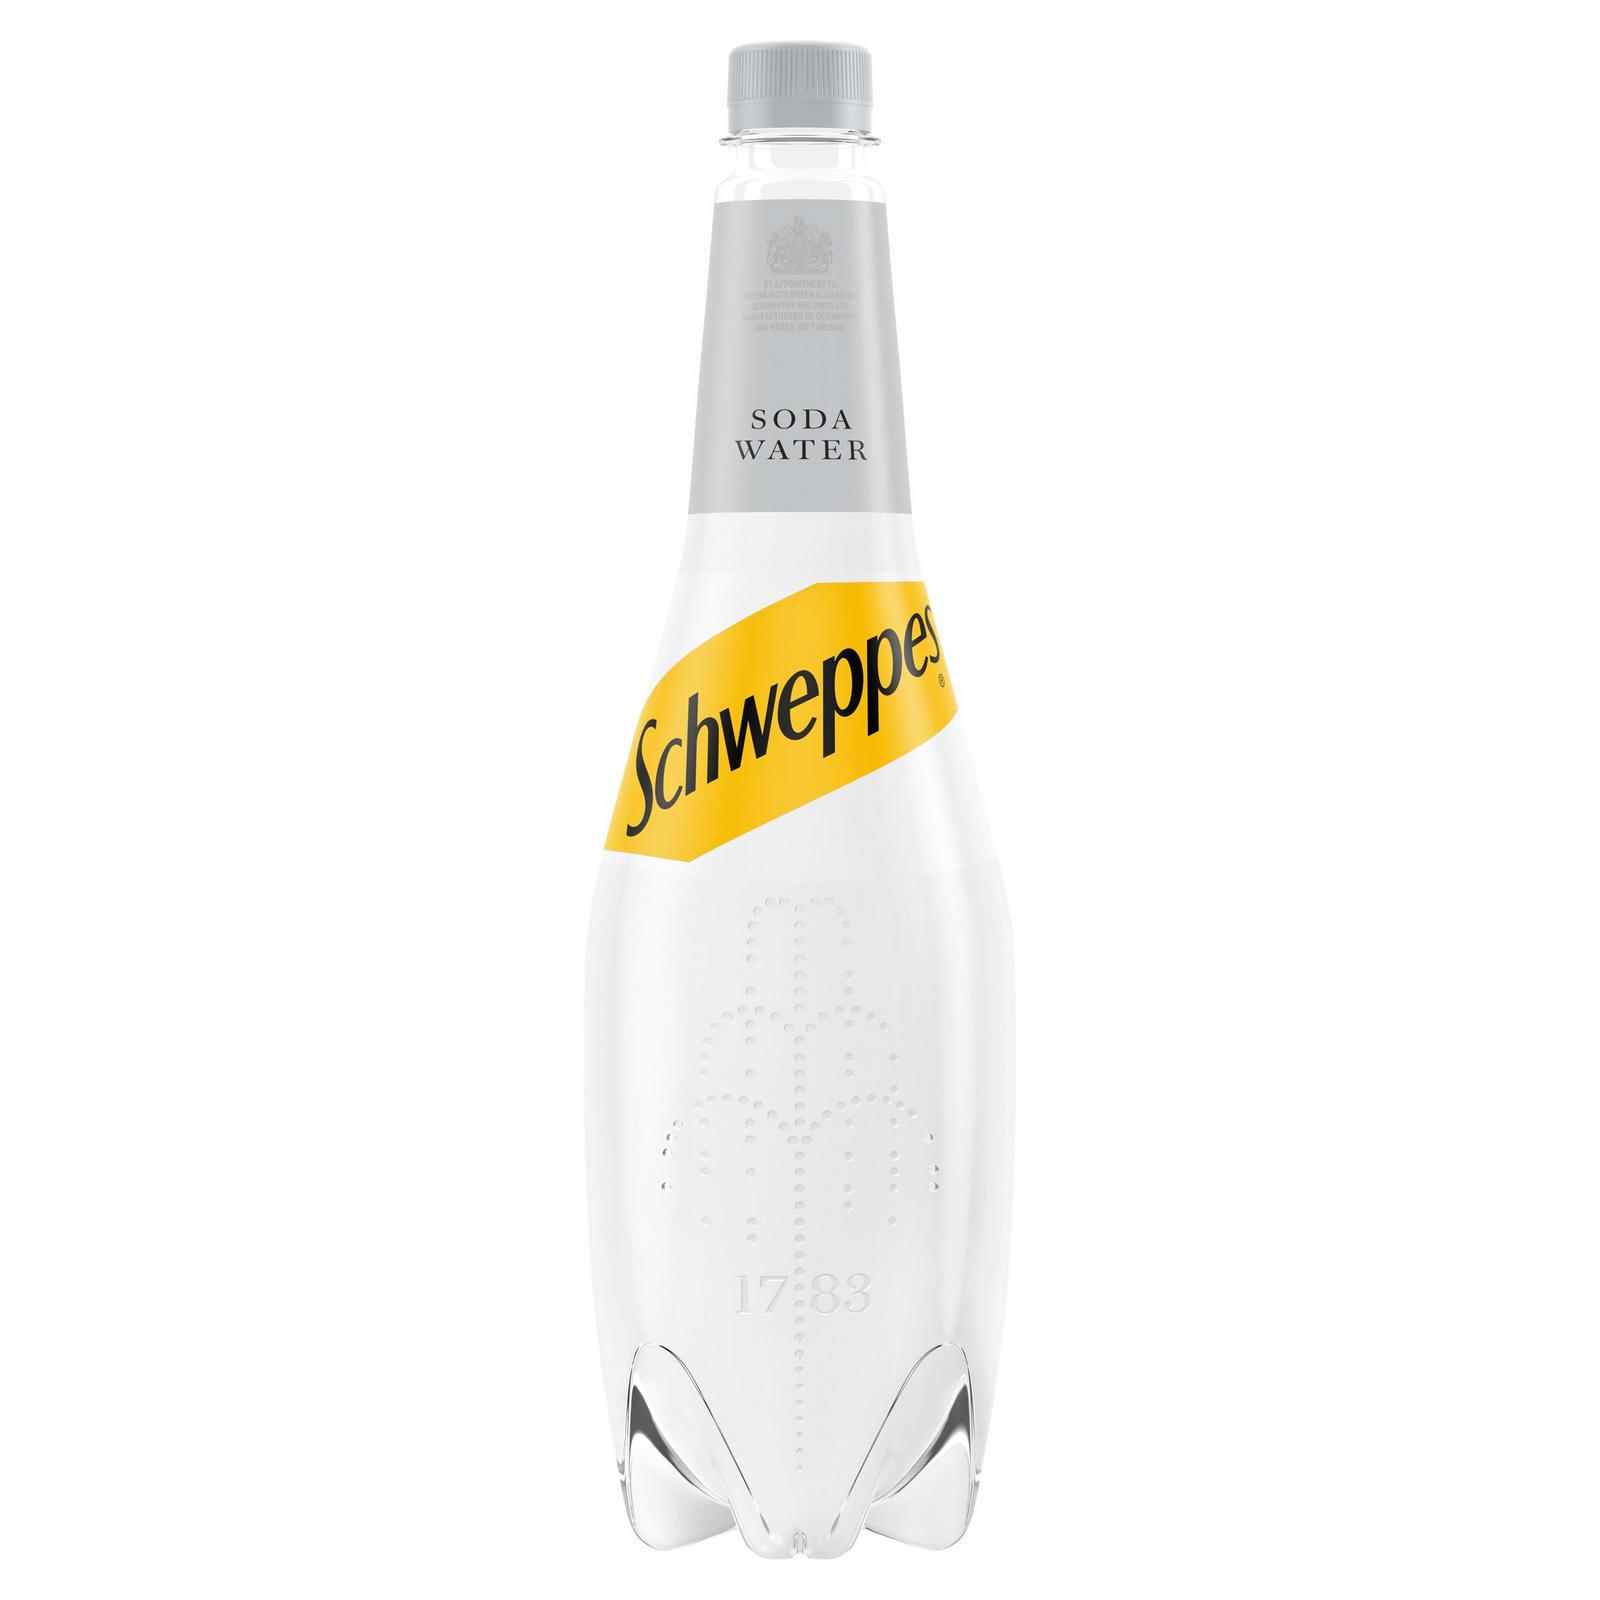 Schweppes Soda Water Bottle 1L